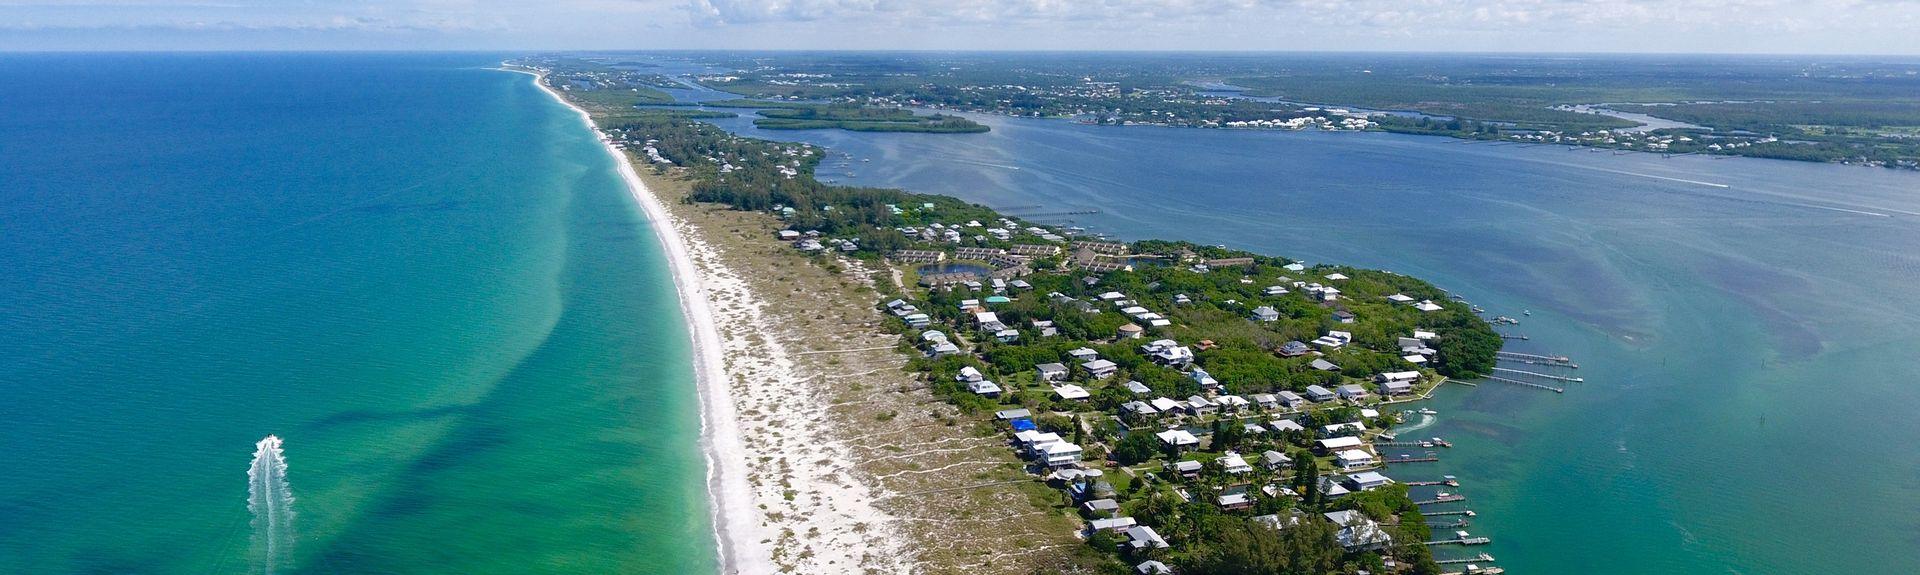 Parc sur la plage de Port Charlotte, Port Charlotte, Floride, États-Unis d'Amérique